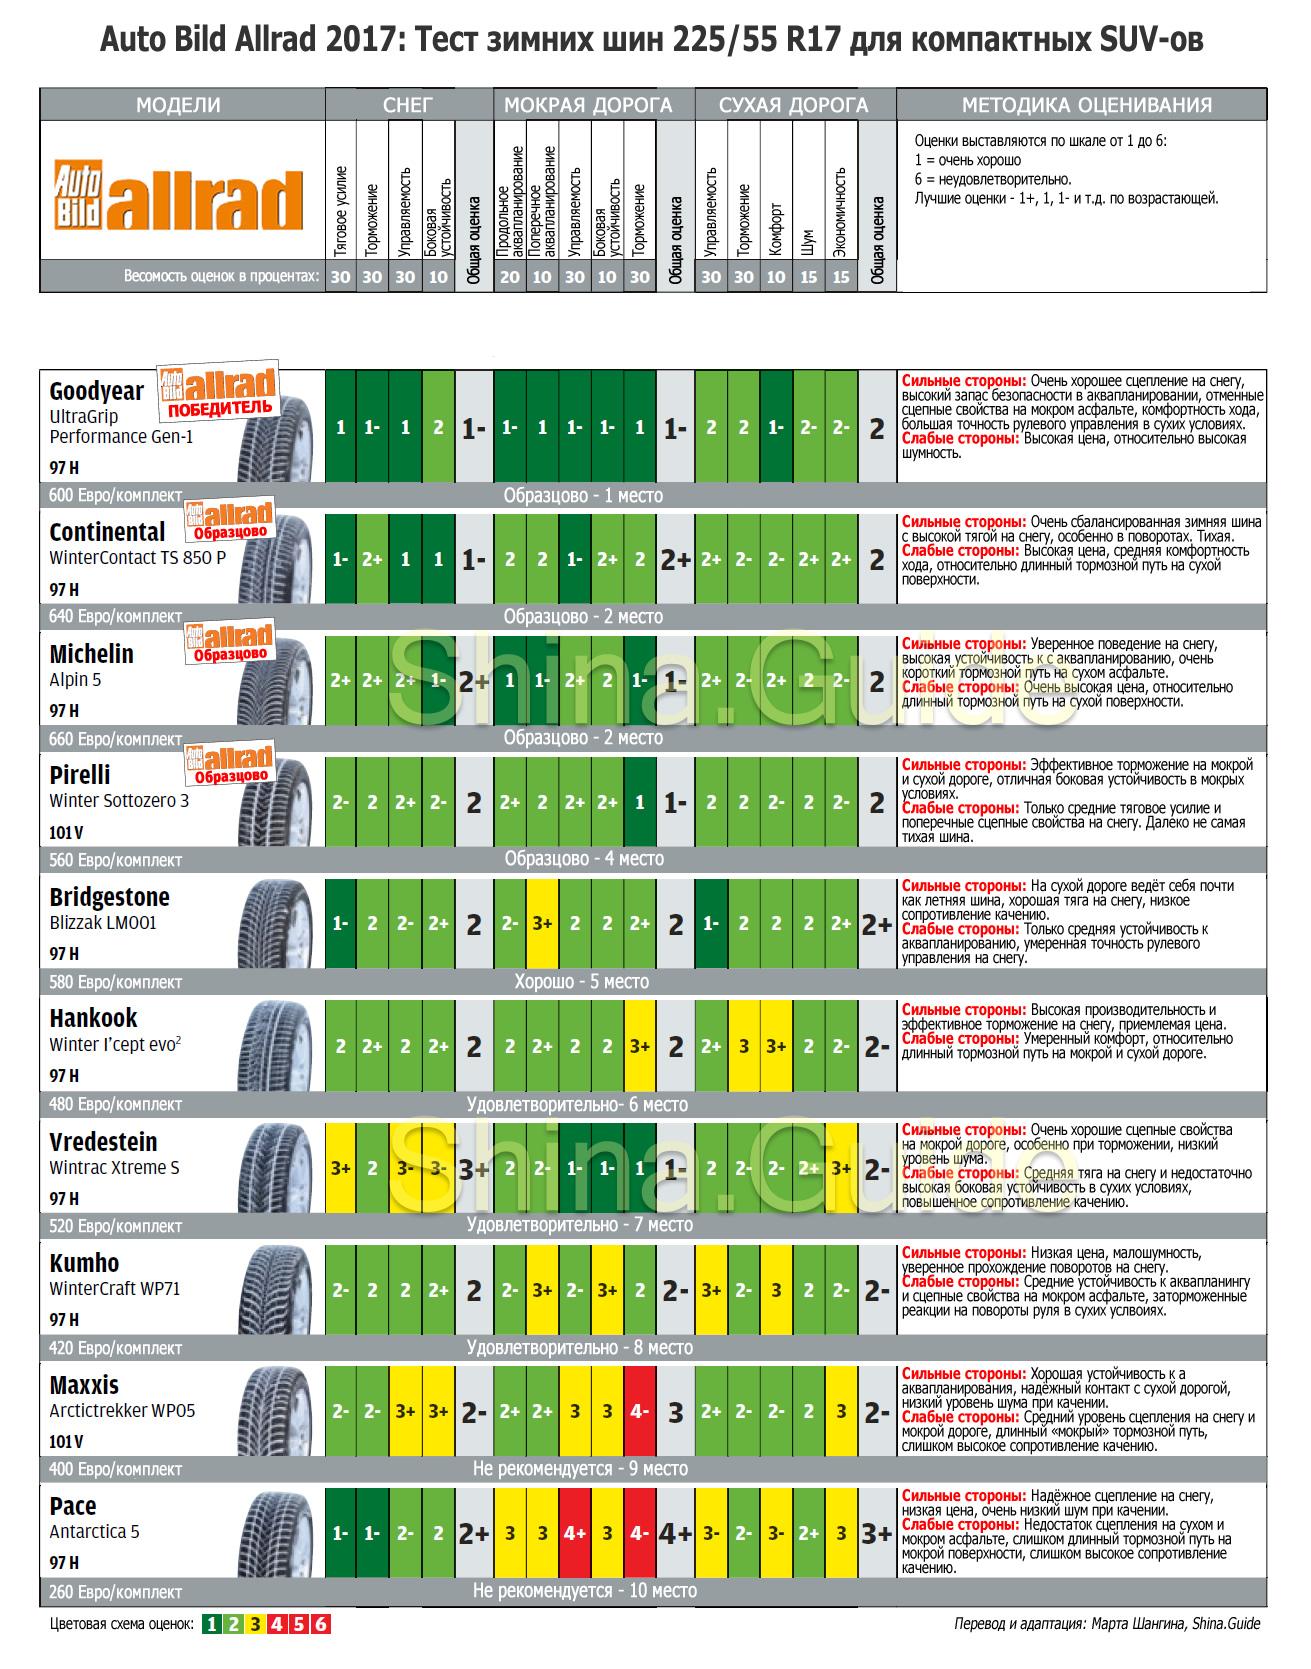 Сводная таблица результатов теста Auto Bild Allrad зимних шин 225/55 R17, 2017